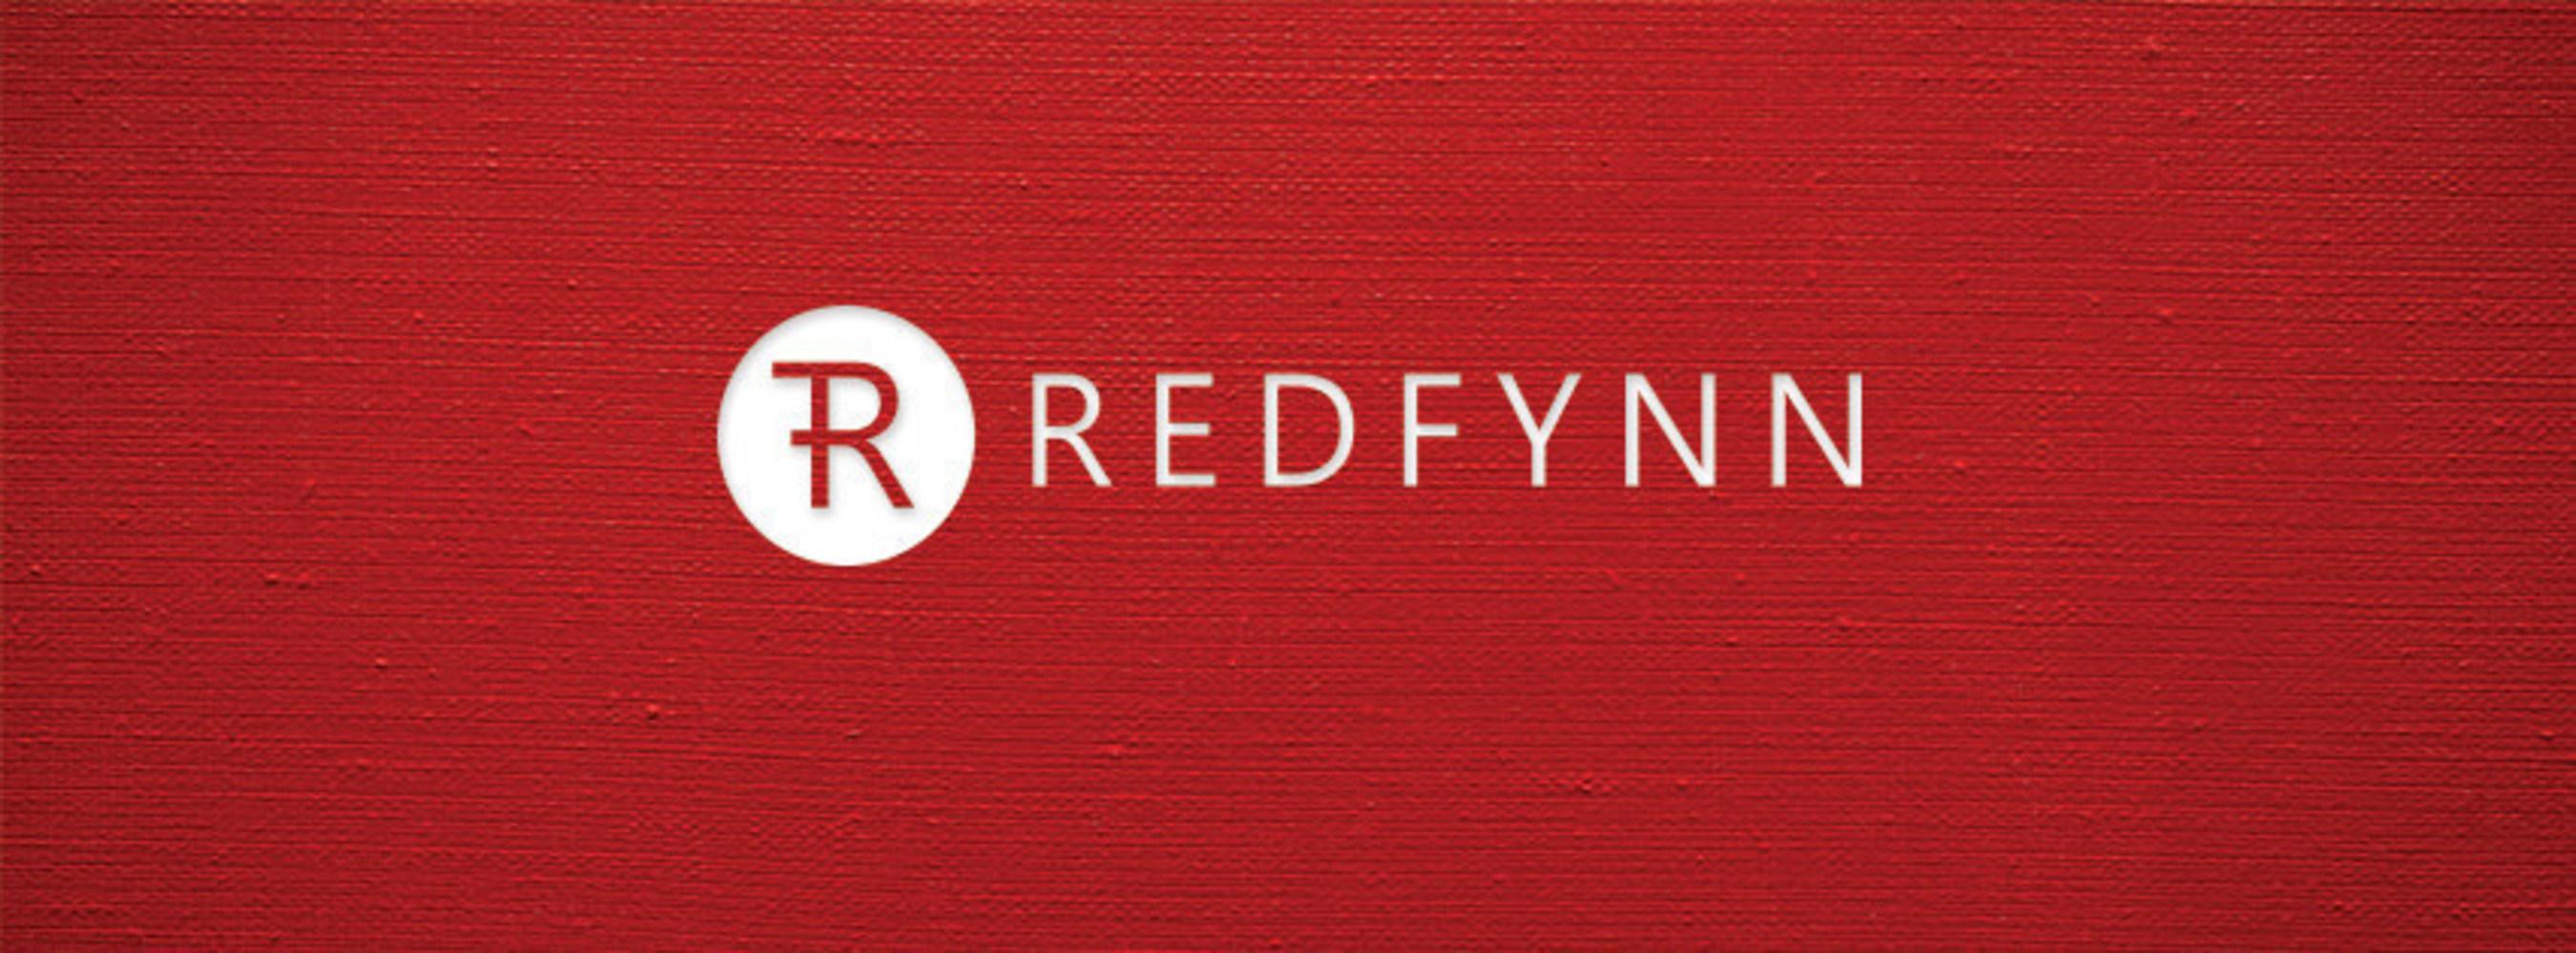 RedFynn Technologies Announces New Director of Business Development